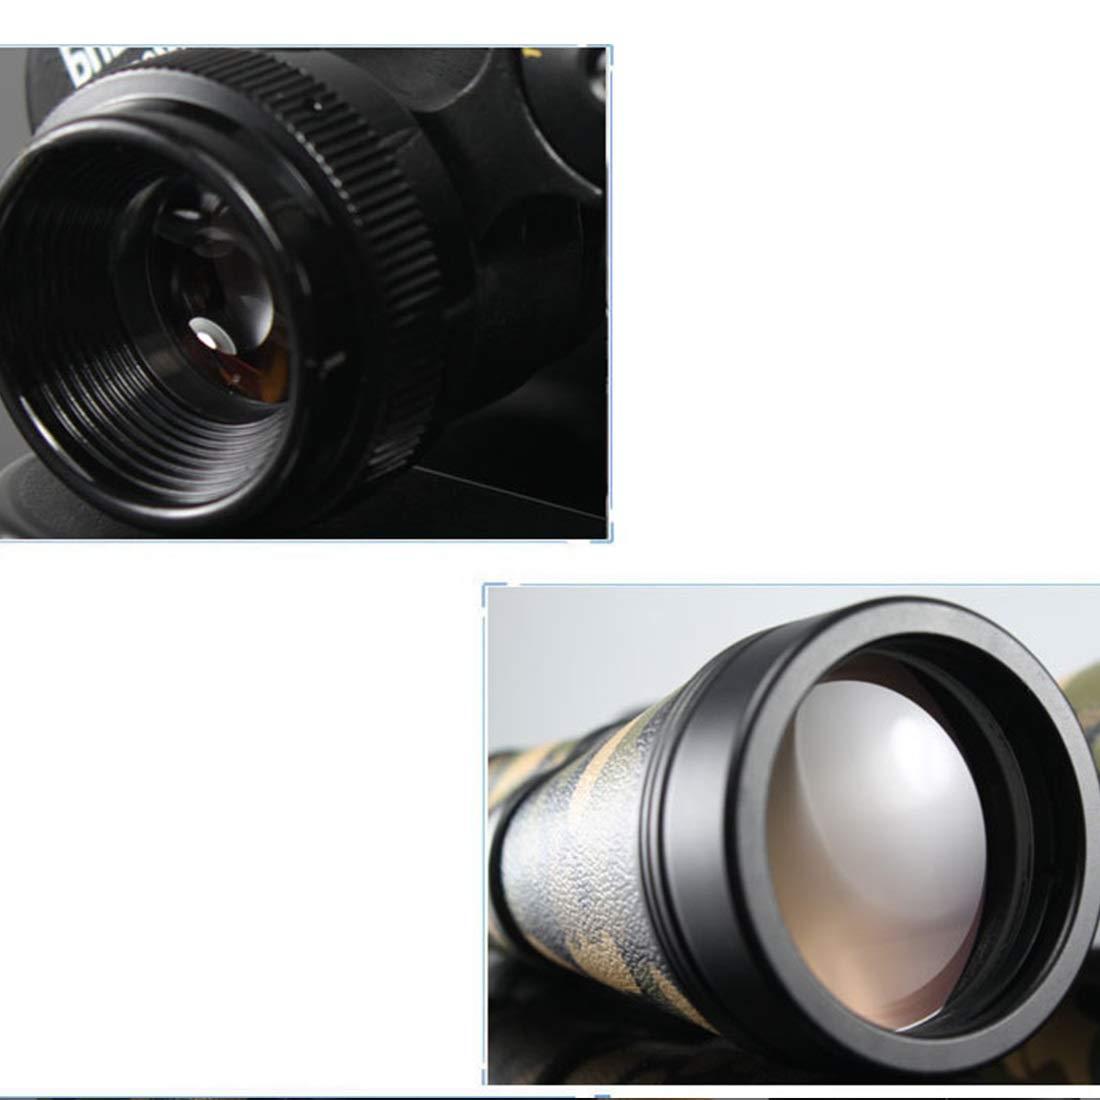 ARecda Binoculares de Alta Potencia de 15x60 15x60 15x60 con visión Nocturna de luz débil Ideal para Juegos y conciertos de observación de Aves Deportes al Aire Libre (Color : Verde) b08ebb